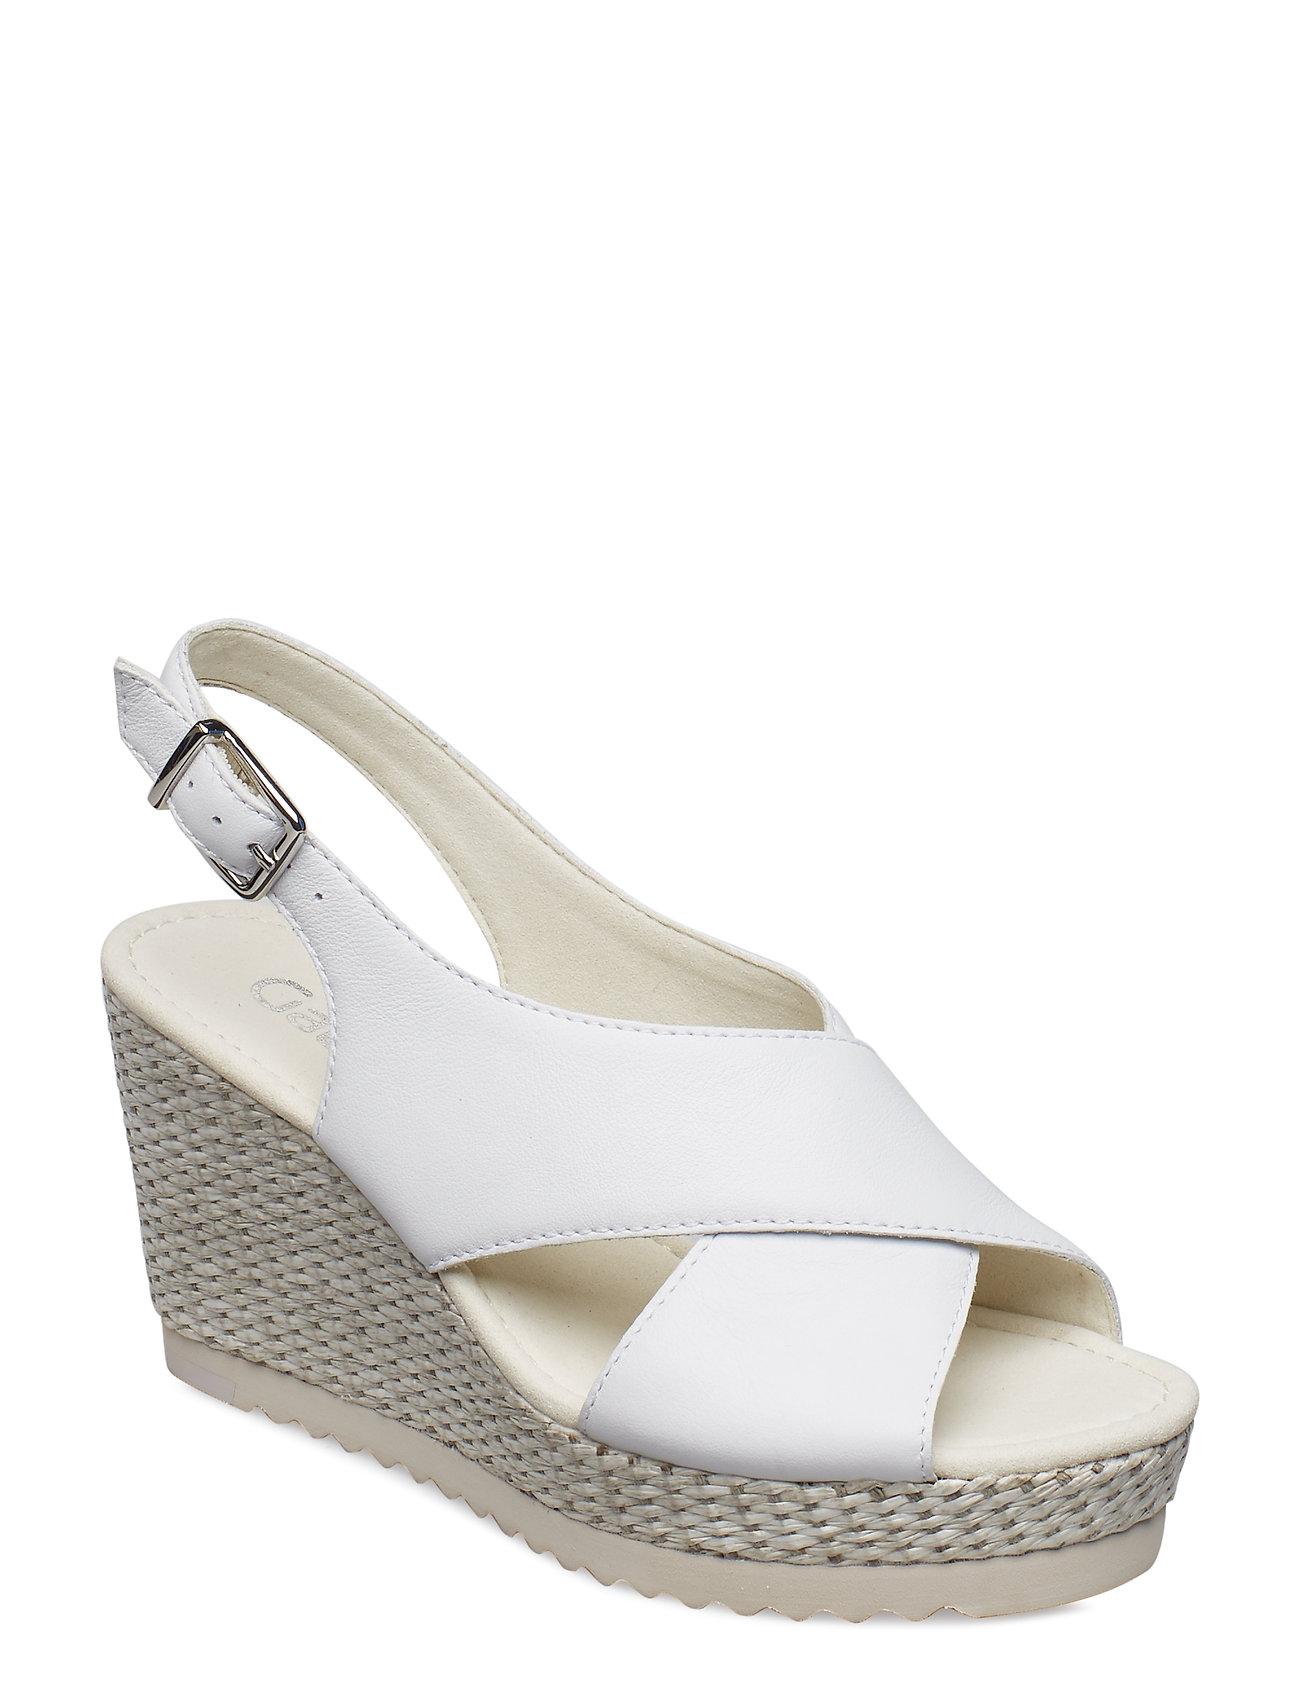 4525d5934ec2 Sling Sandals espadrillos med kilehæl fra Gabor til dame i Hvid ...